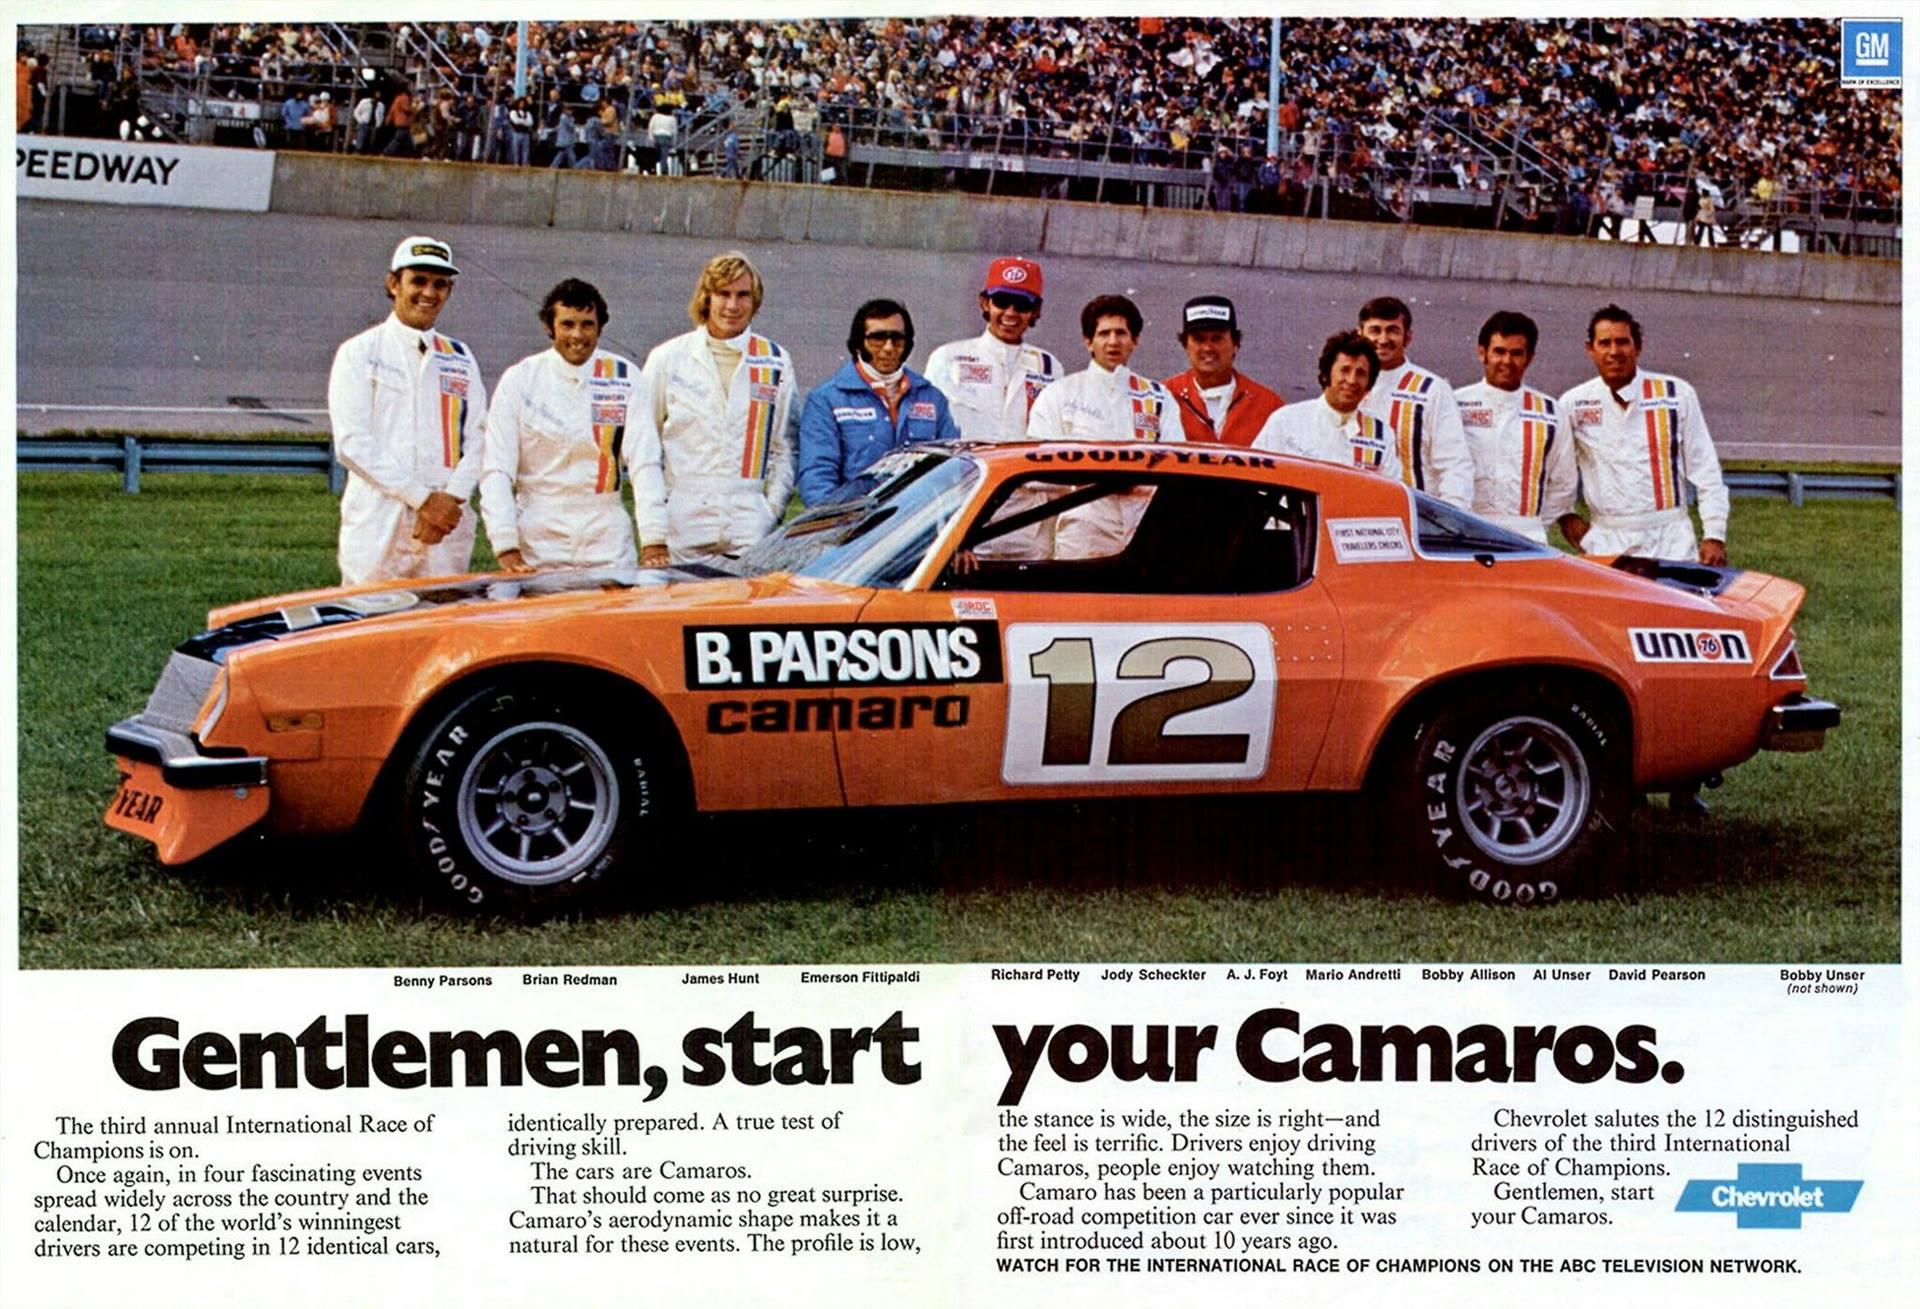 Her ser vi de 12 førerne (minus Bobby Unser) som kjempet mot hverandre i identiske Camaroer i IROC-serien i 1976. Blant toppførere som Emerson Fittipaldi, Richard Petty, Jody Scheckter, Al Unser, James Hunt, David Pearson og Mario Andretti, så ble A.J. Foyt stående igjen som mester. Foto: Goodyear